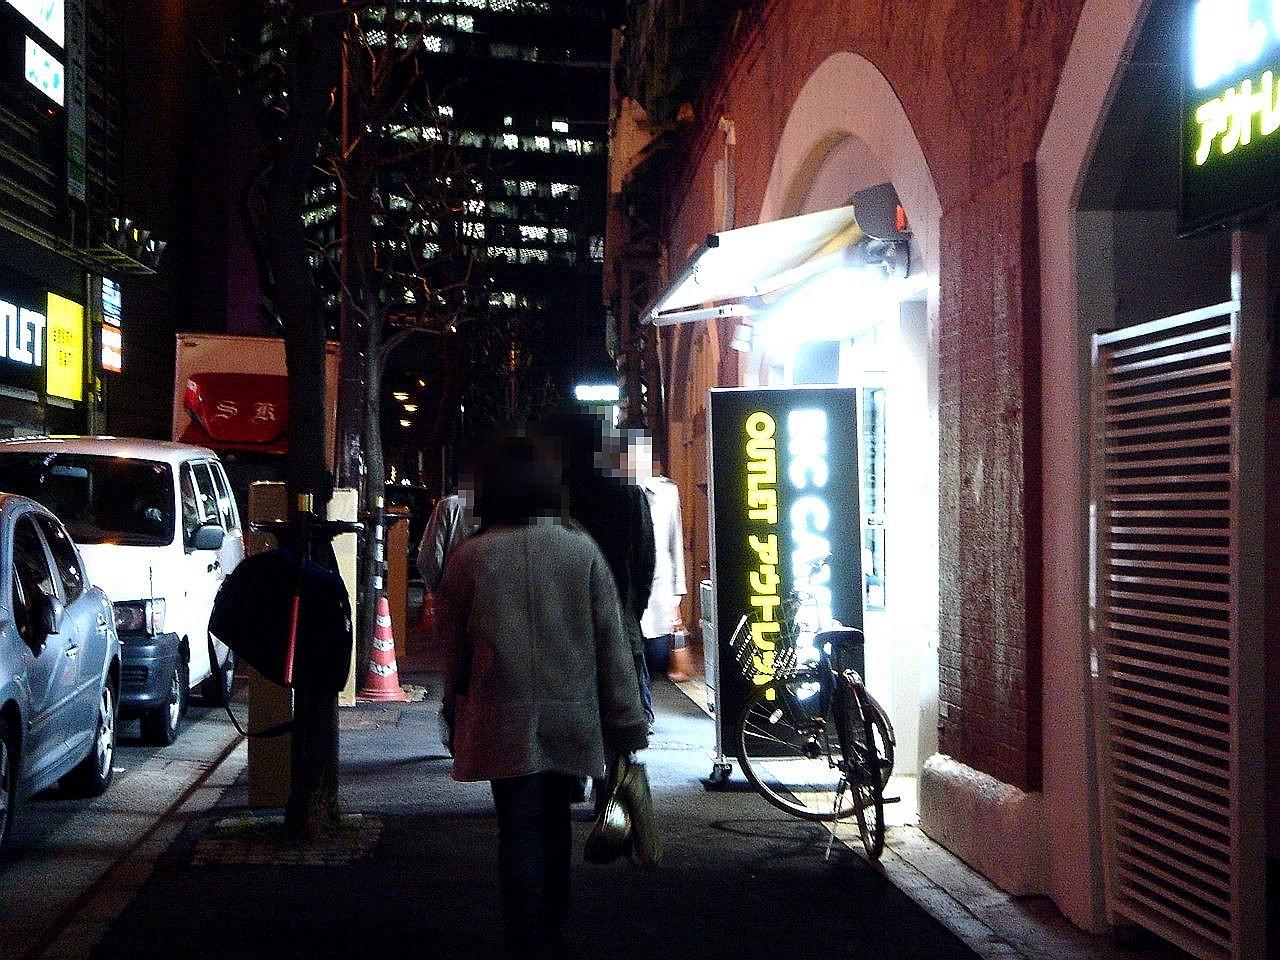 東京ベイ船橋ビビット2013-2012 : ビックカメラアウトレット ...